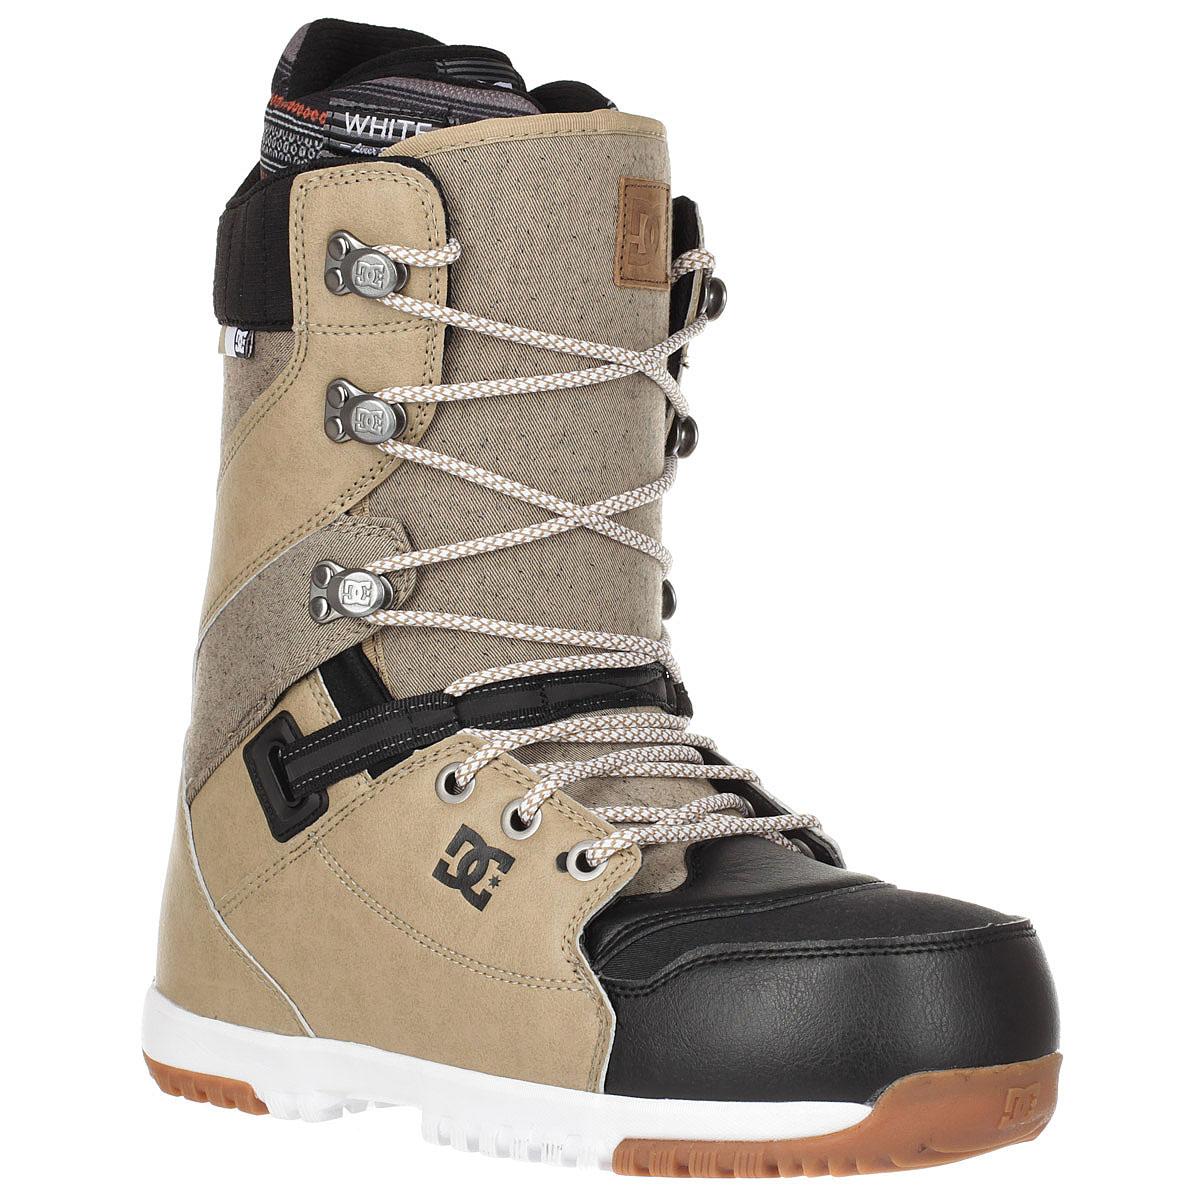 Купить ботинки для сноуборда DC Mutiny Brown (ADYO200034-BRN) в ... e4c57fe9017